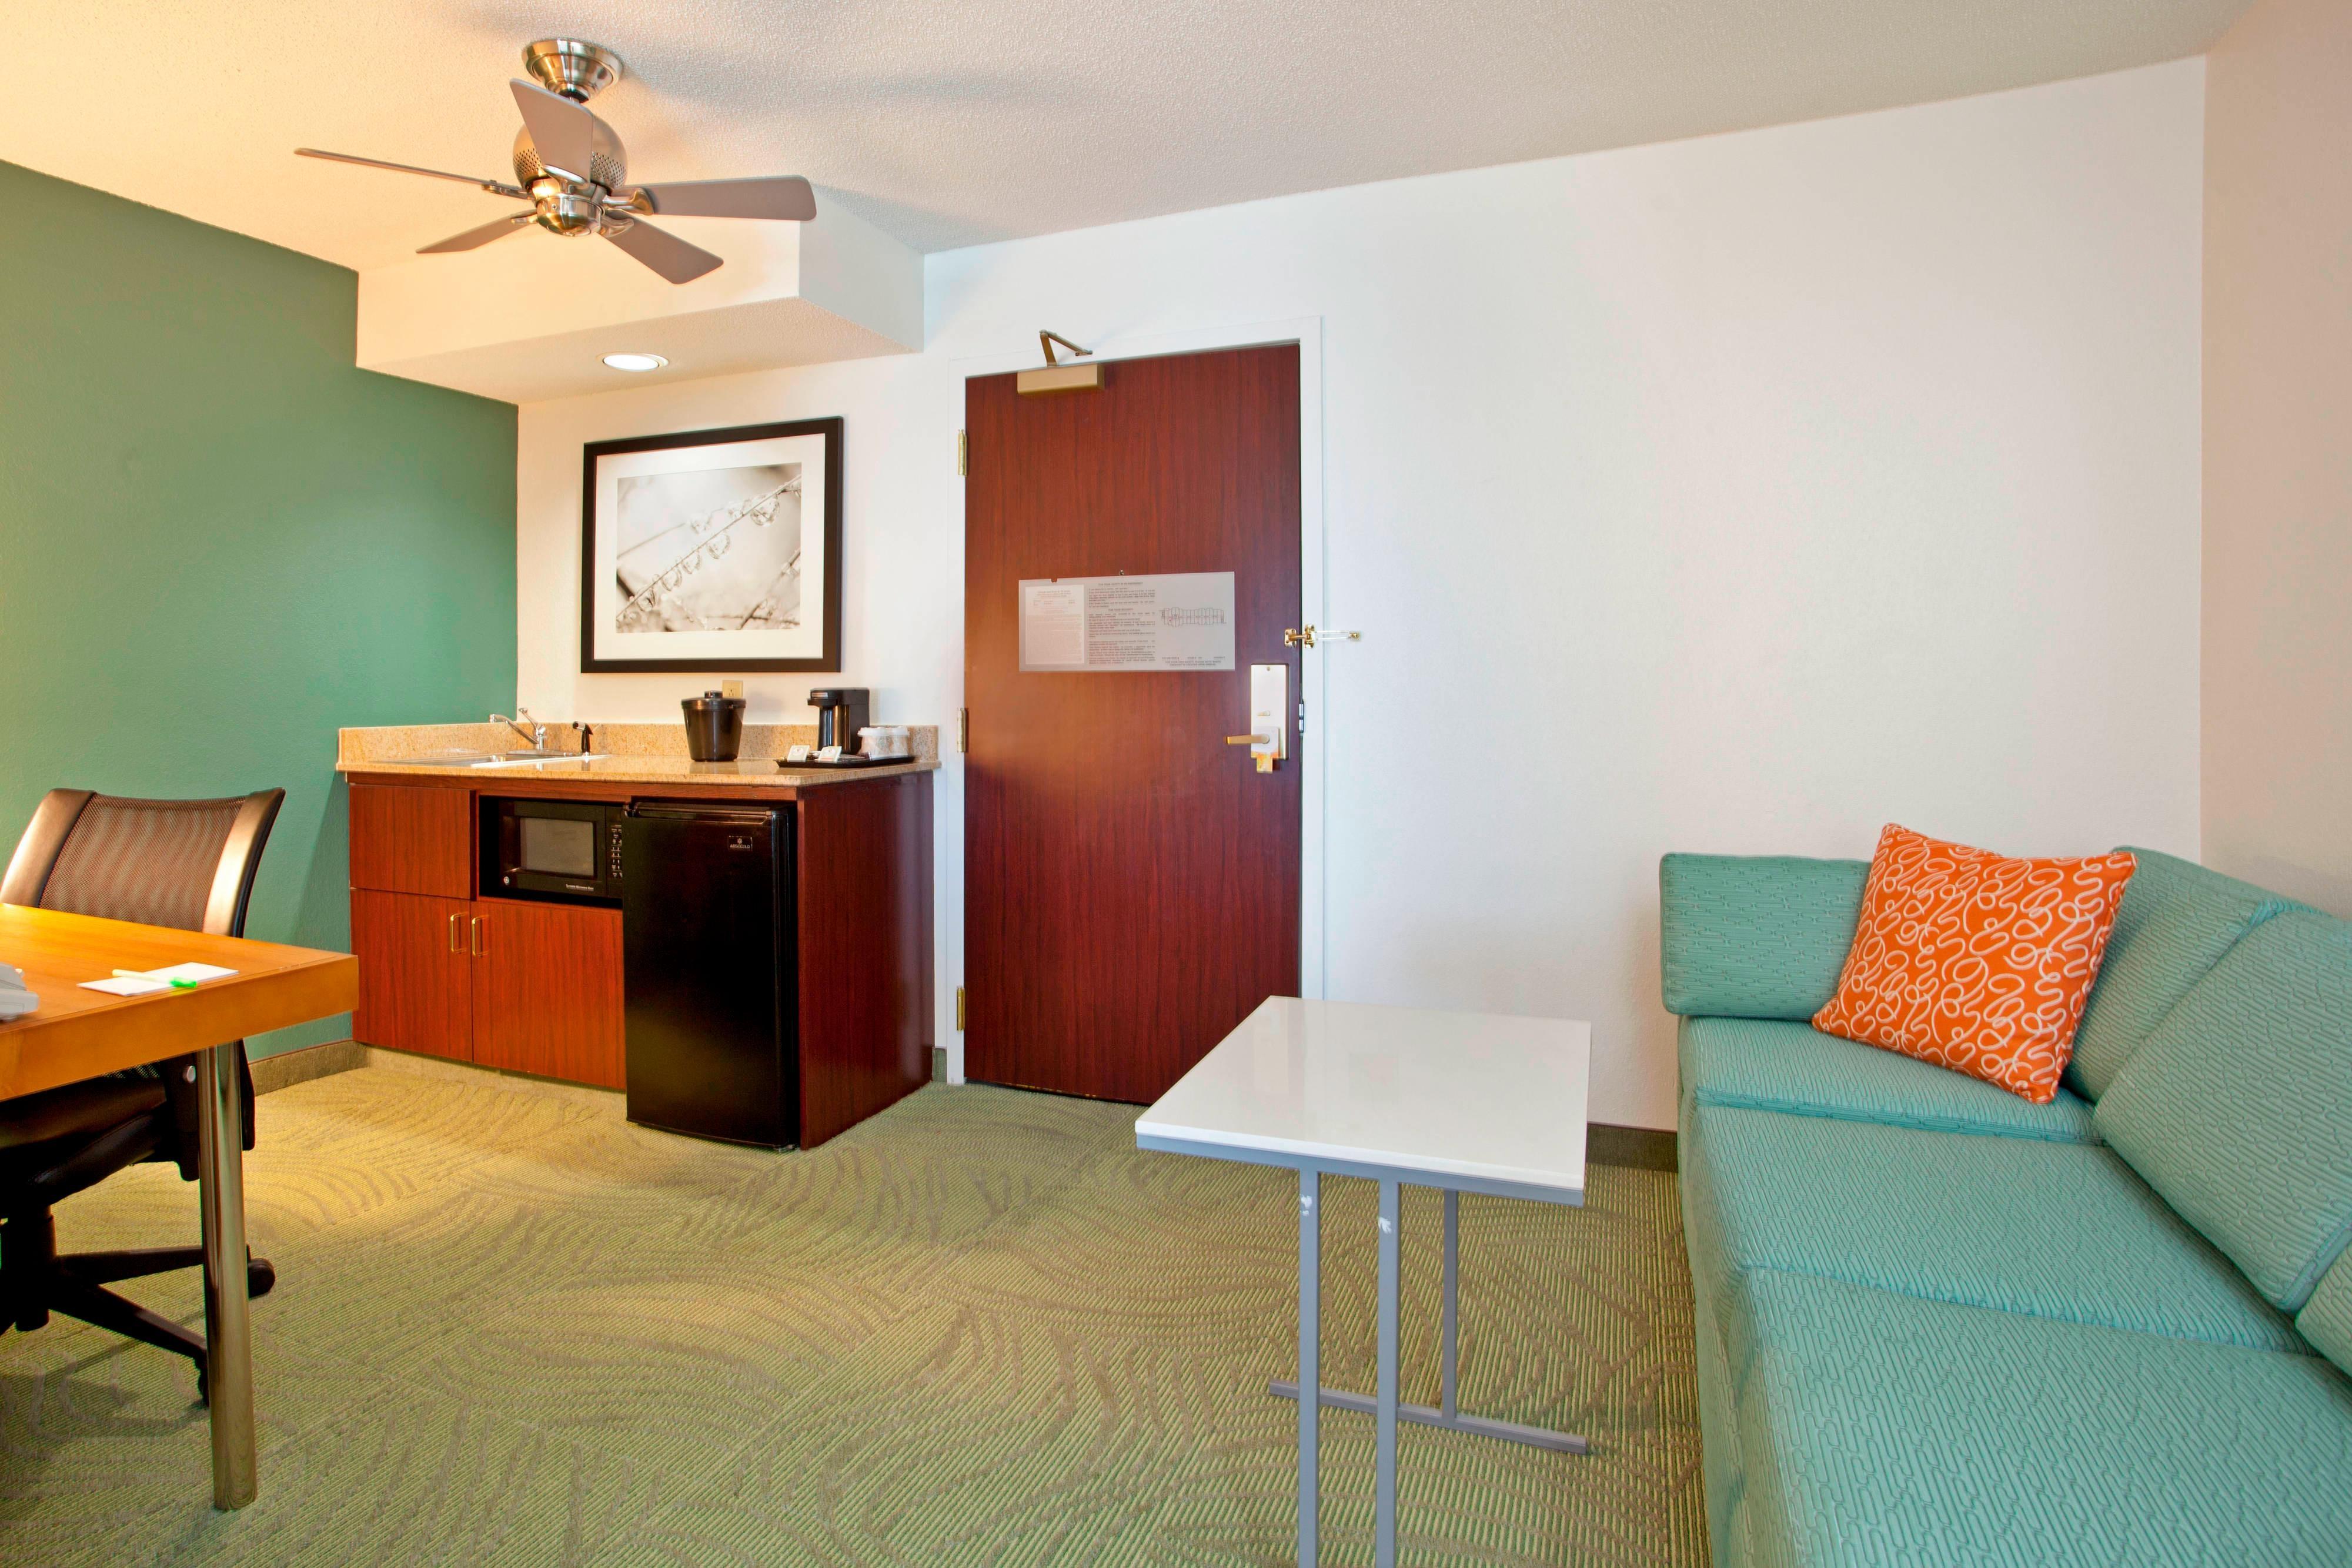 Springhill Suites Metro Center